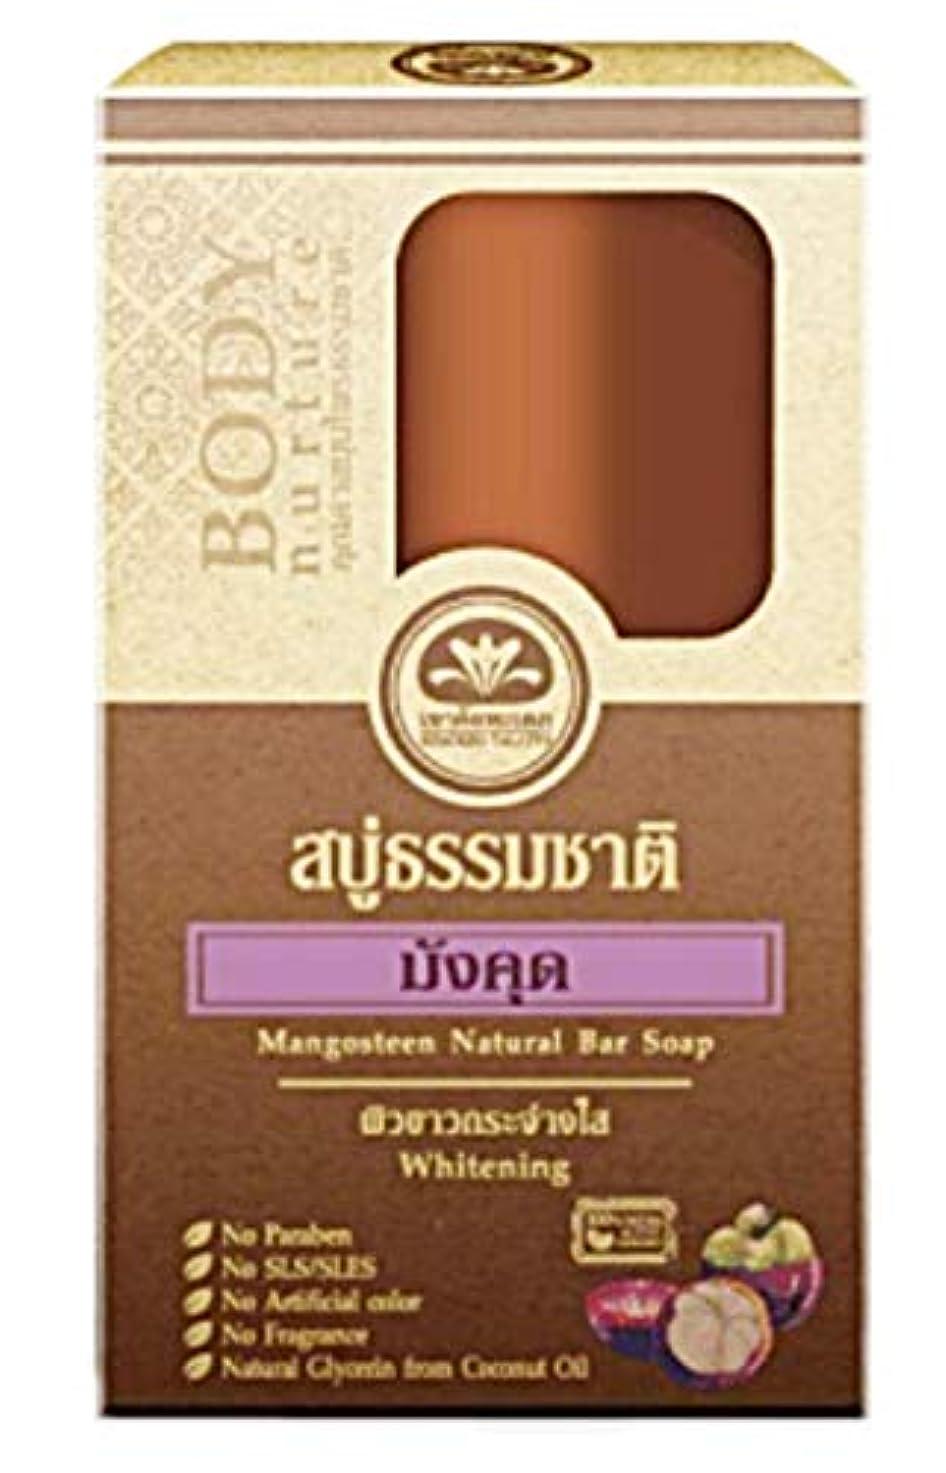 カスケードトランク本物Mangosteen Mangosutin マンゴスチン石鹸 Natural Bar Soap Reduce Black spots Whitening Skin Soap 80 grams.